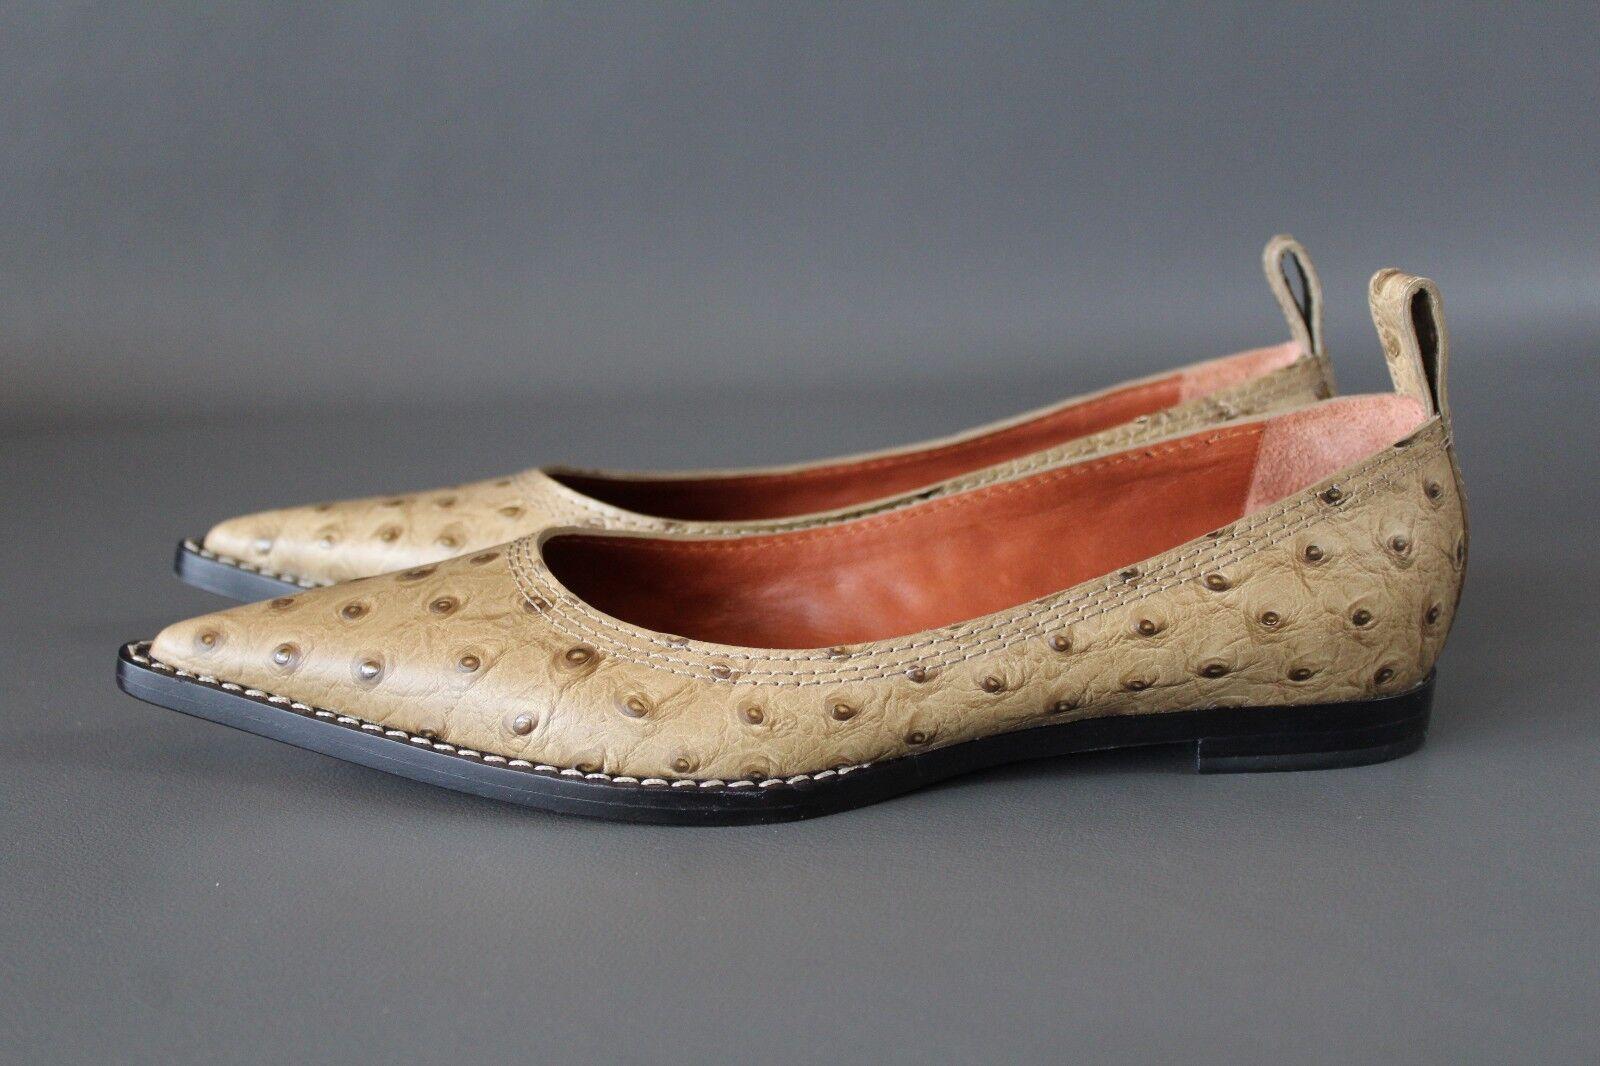 MISSONI Schuhes Damen Schuhe EUR 39.5 Ballerinas Beige Straussenleder Schuhes MISSONI  NEU 4847f0